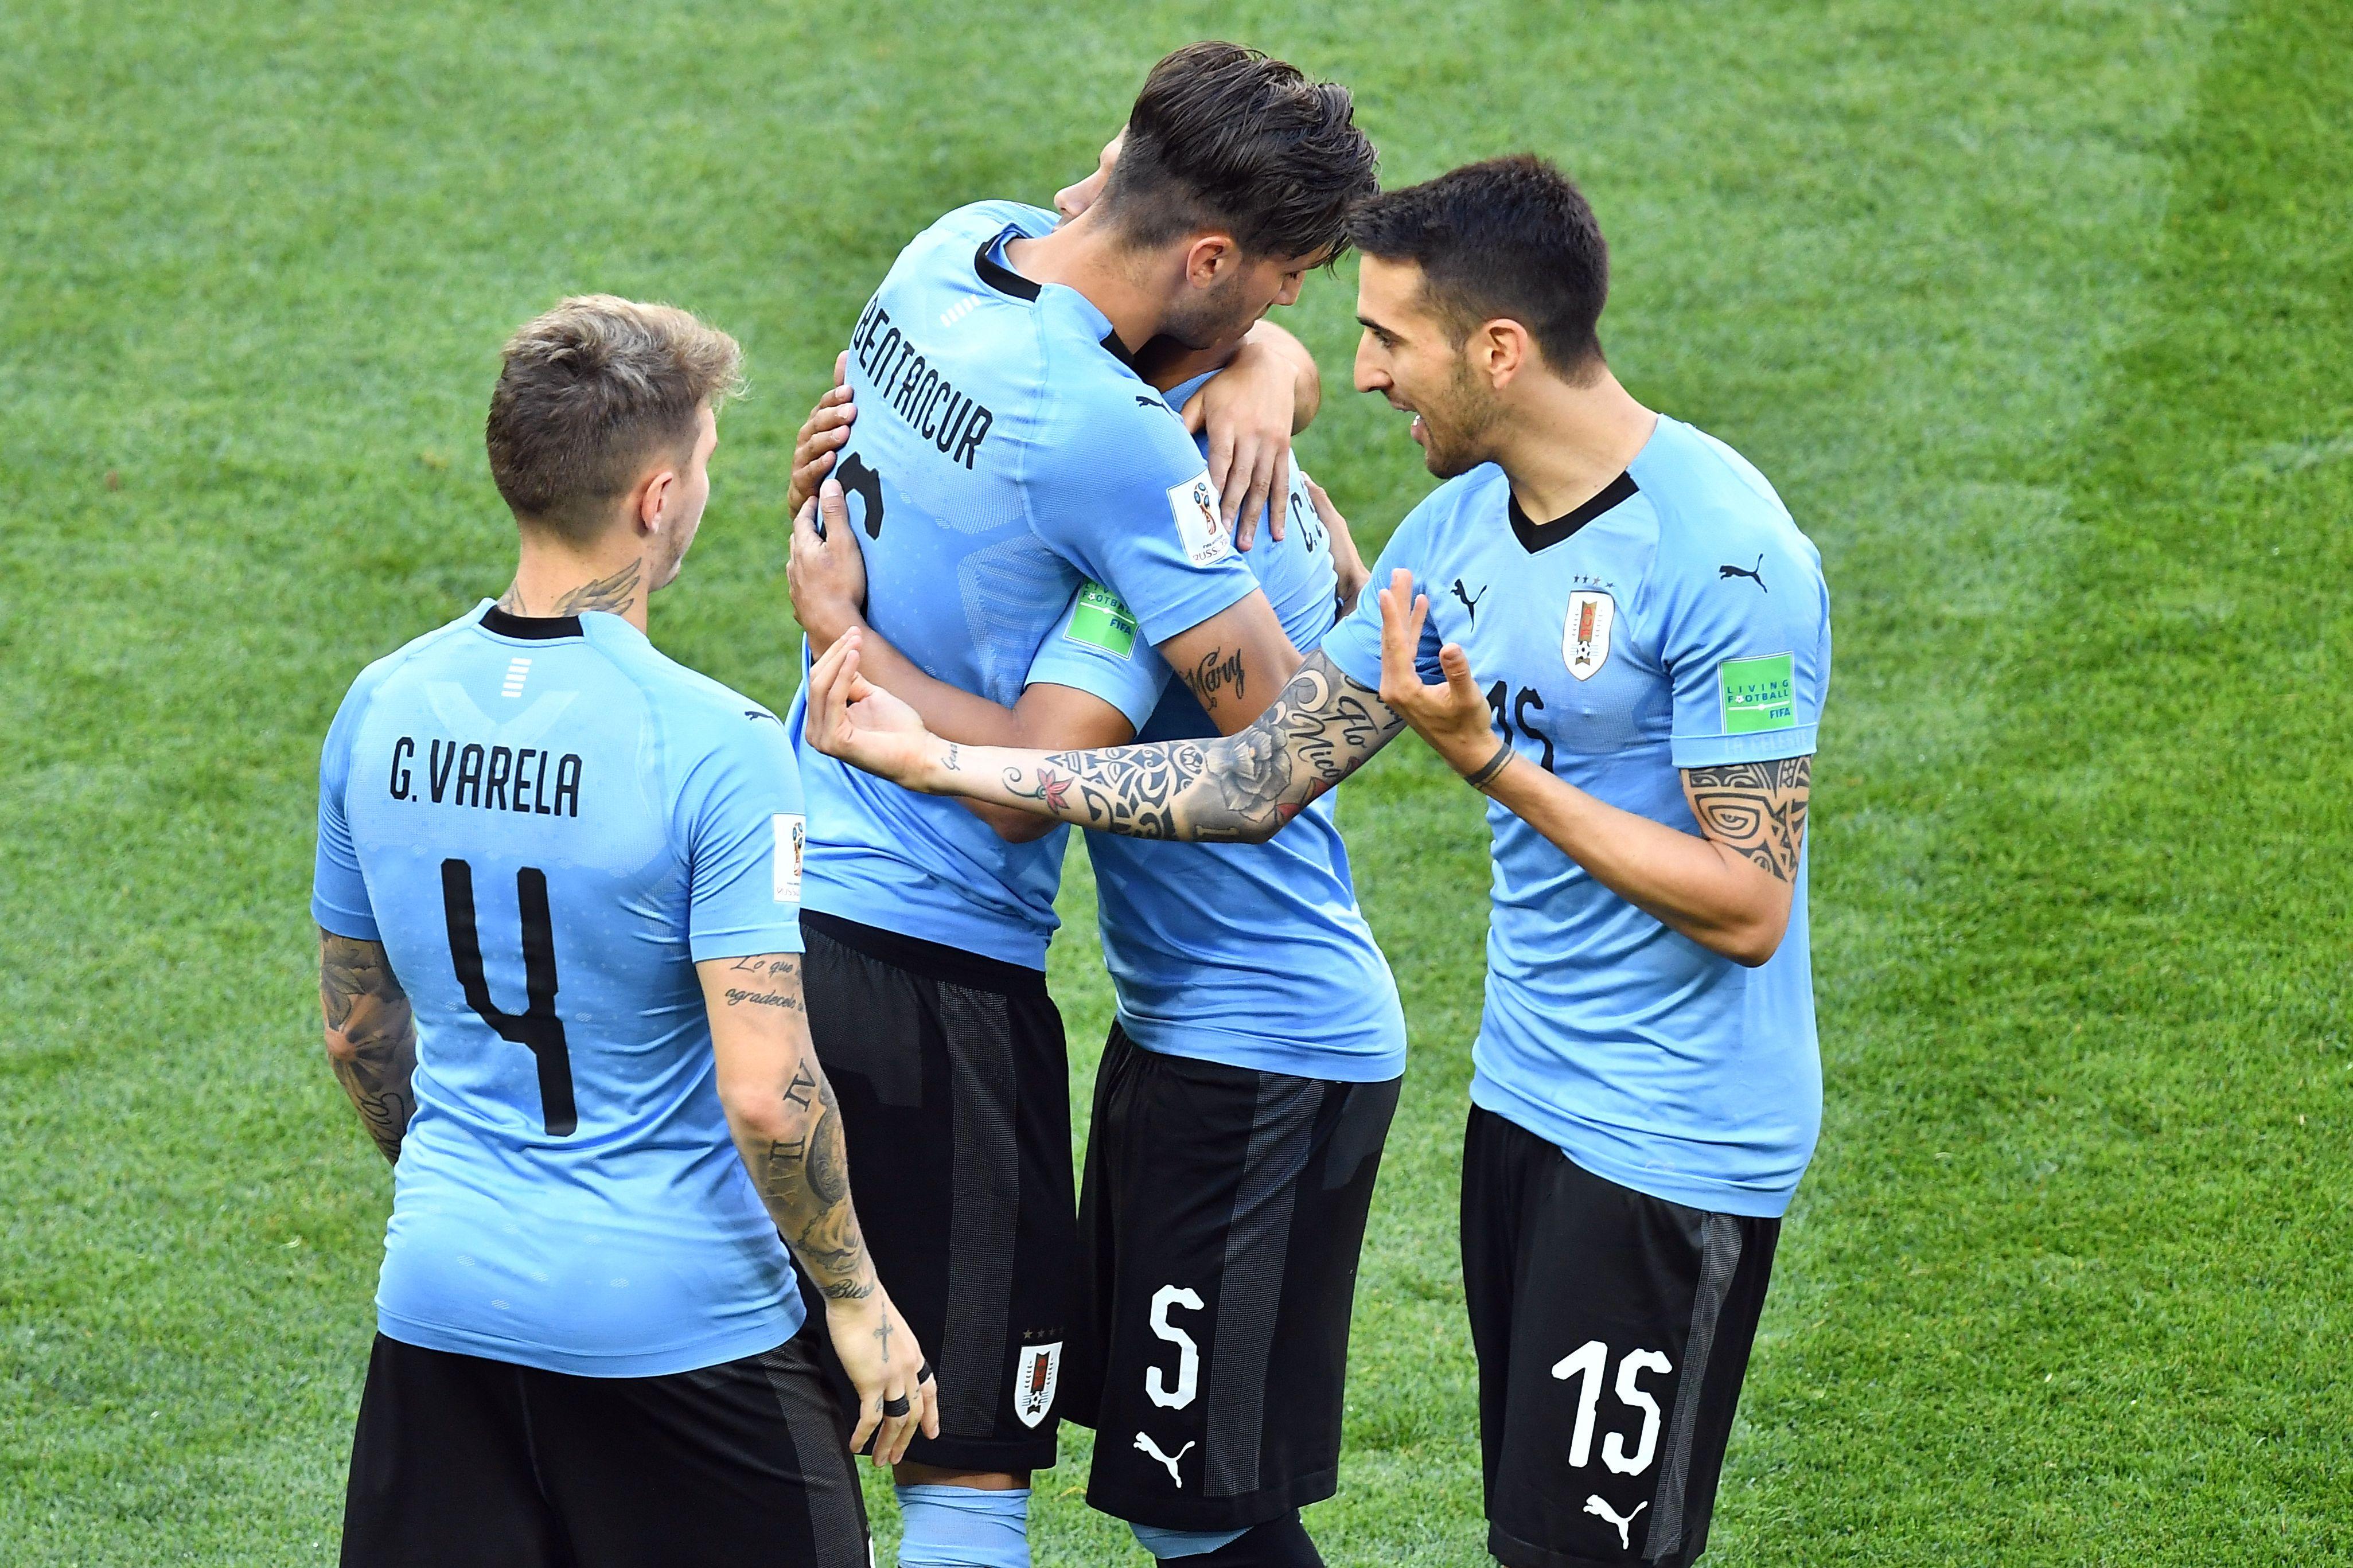 Cupa mondială 2018. Uruguay, calificată în optimile de finală, după 1-0 cu Arabia Saudită